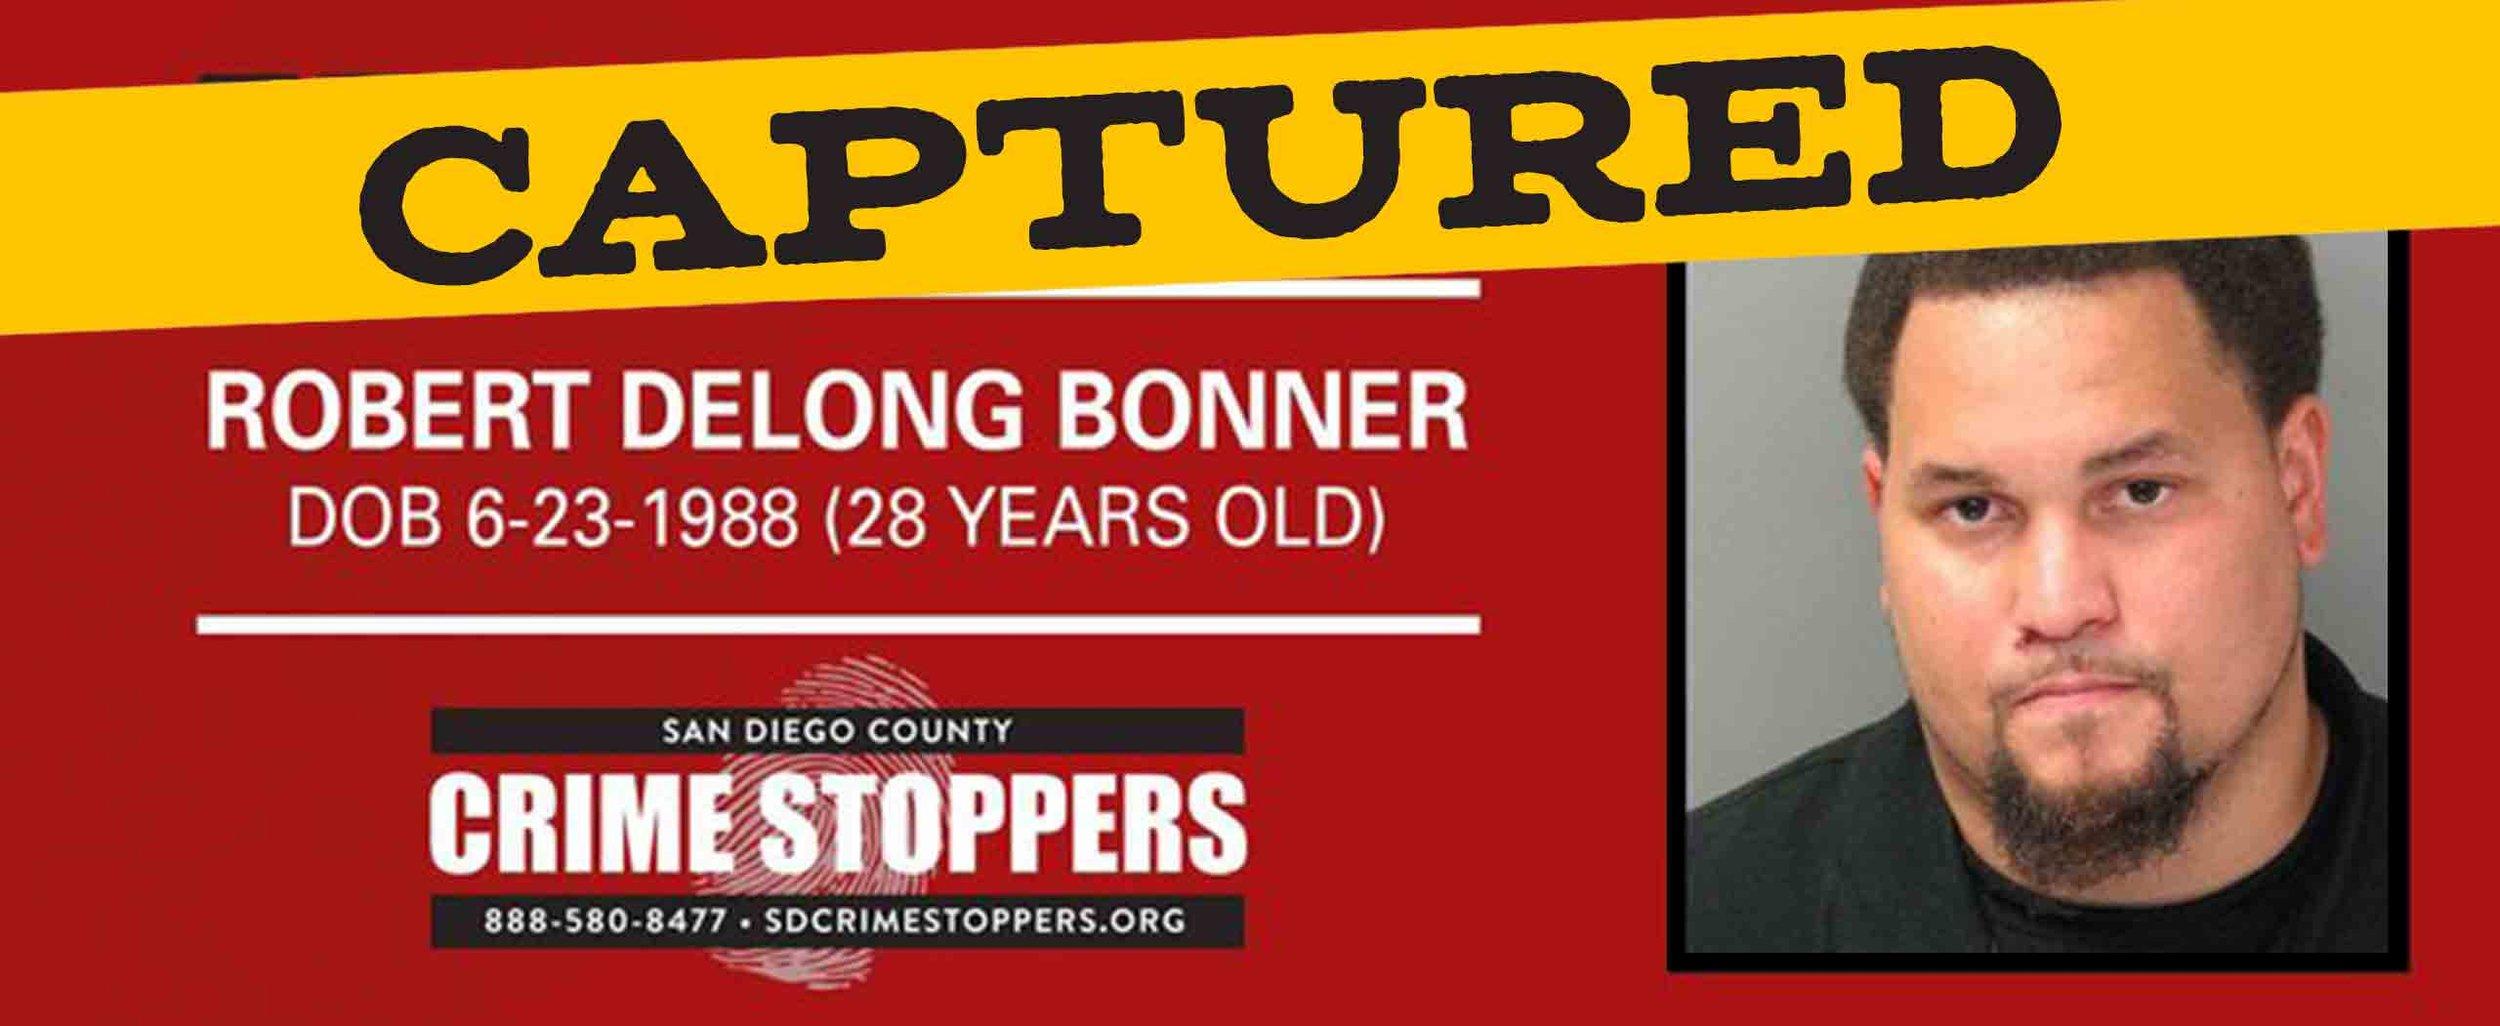 Robert-Bonner-Banner.jpg